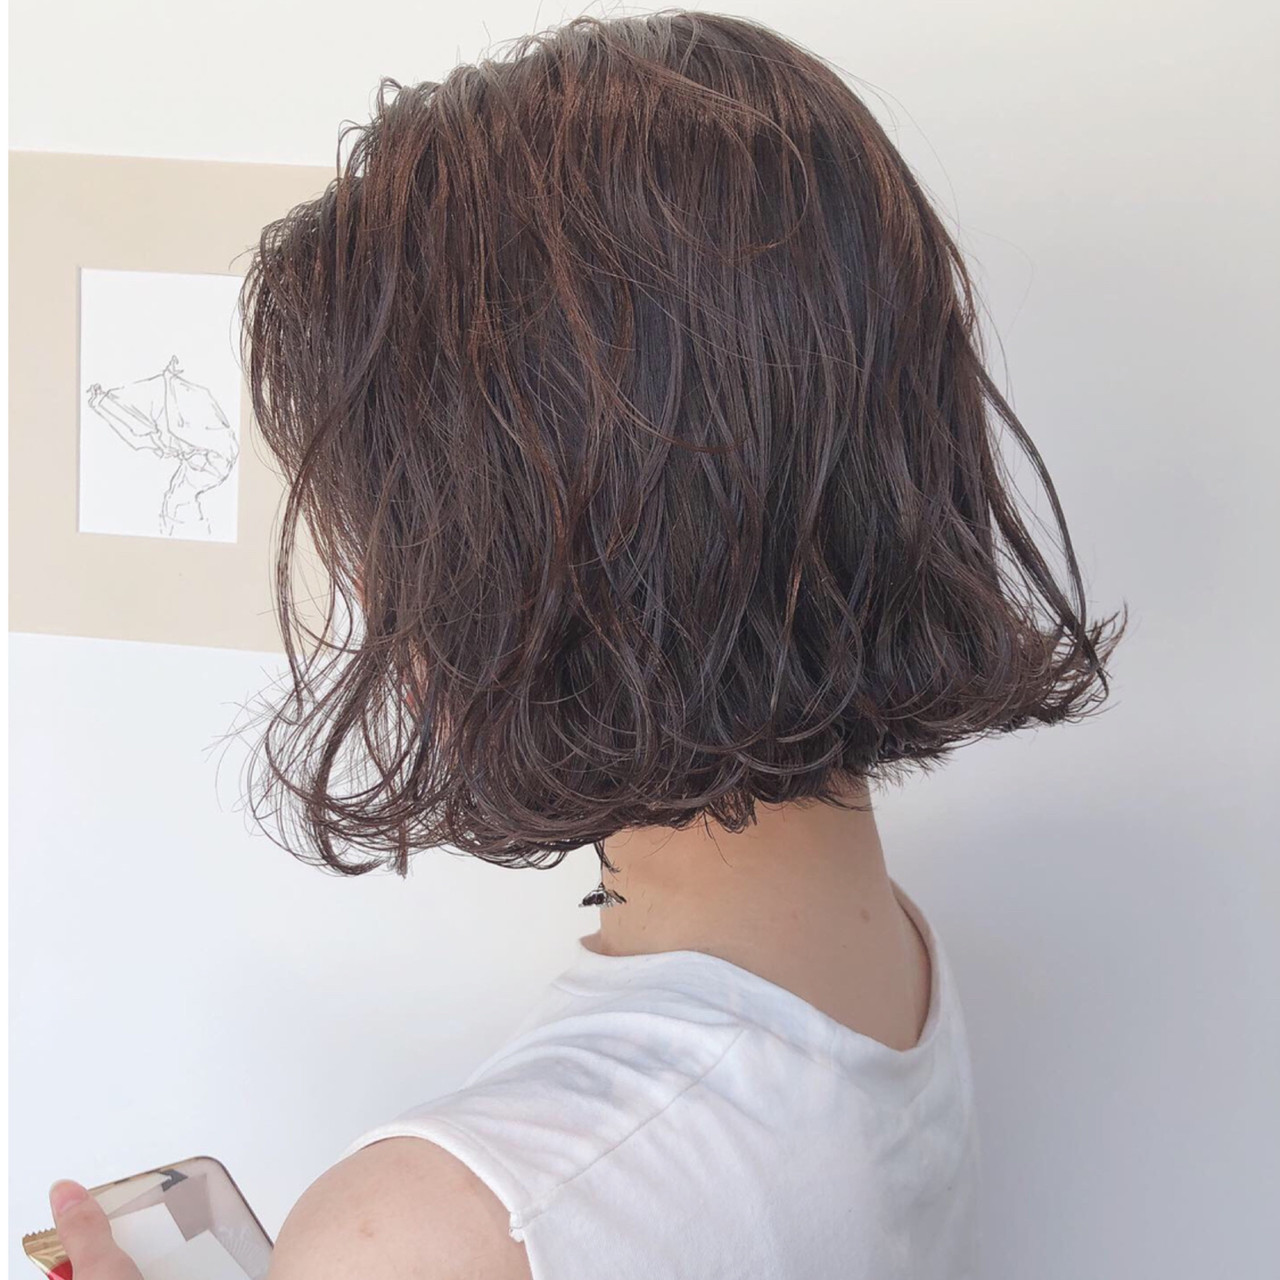 ボブ ナチュラル ラベンダーグレージュ アッシュグレージュ ヘアスタイルや髪型の写真・画像